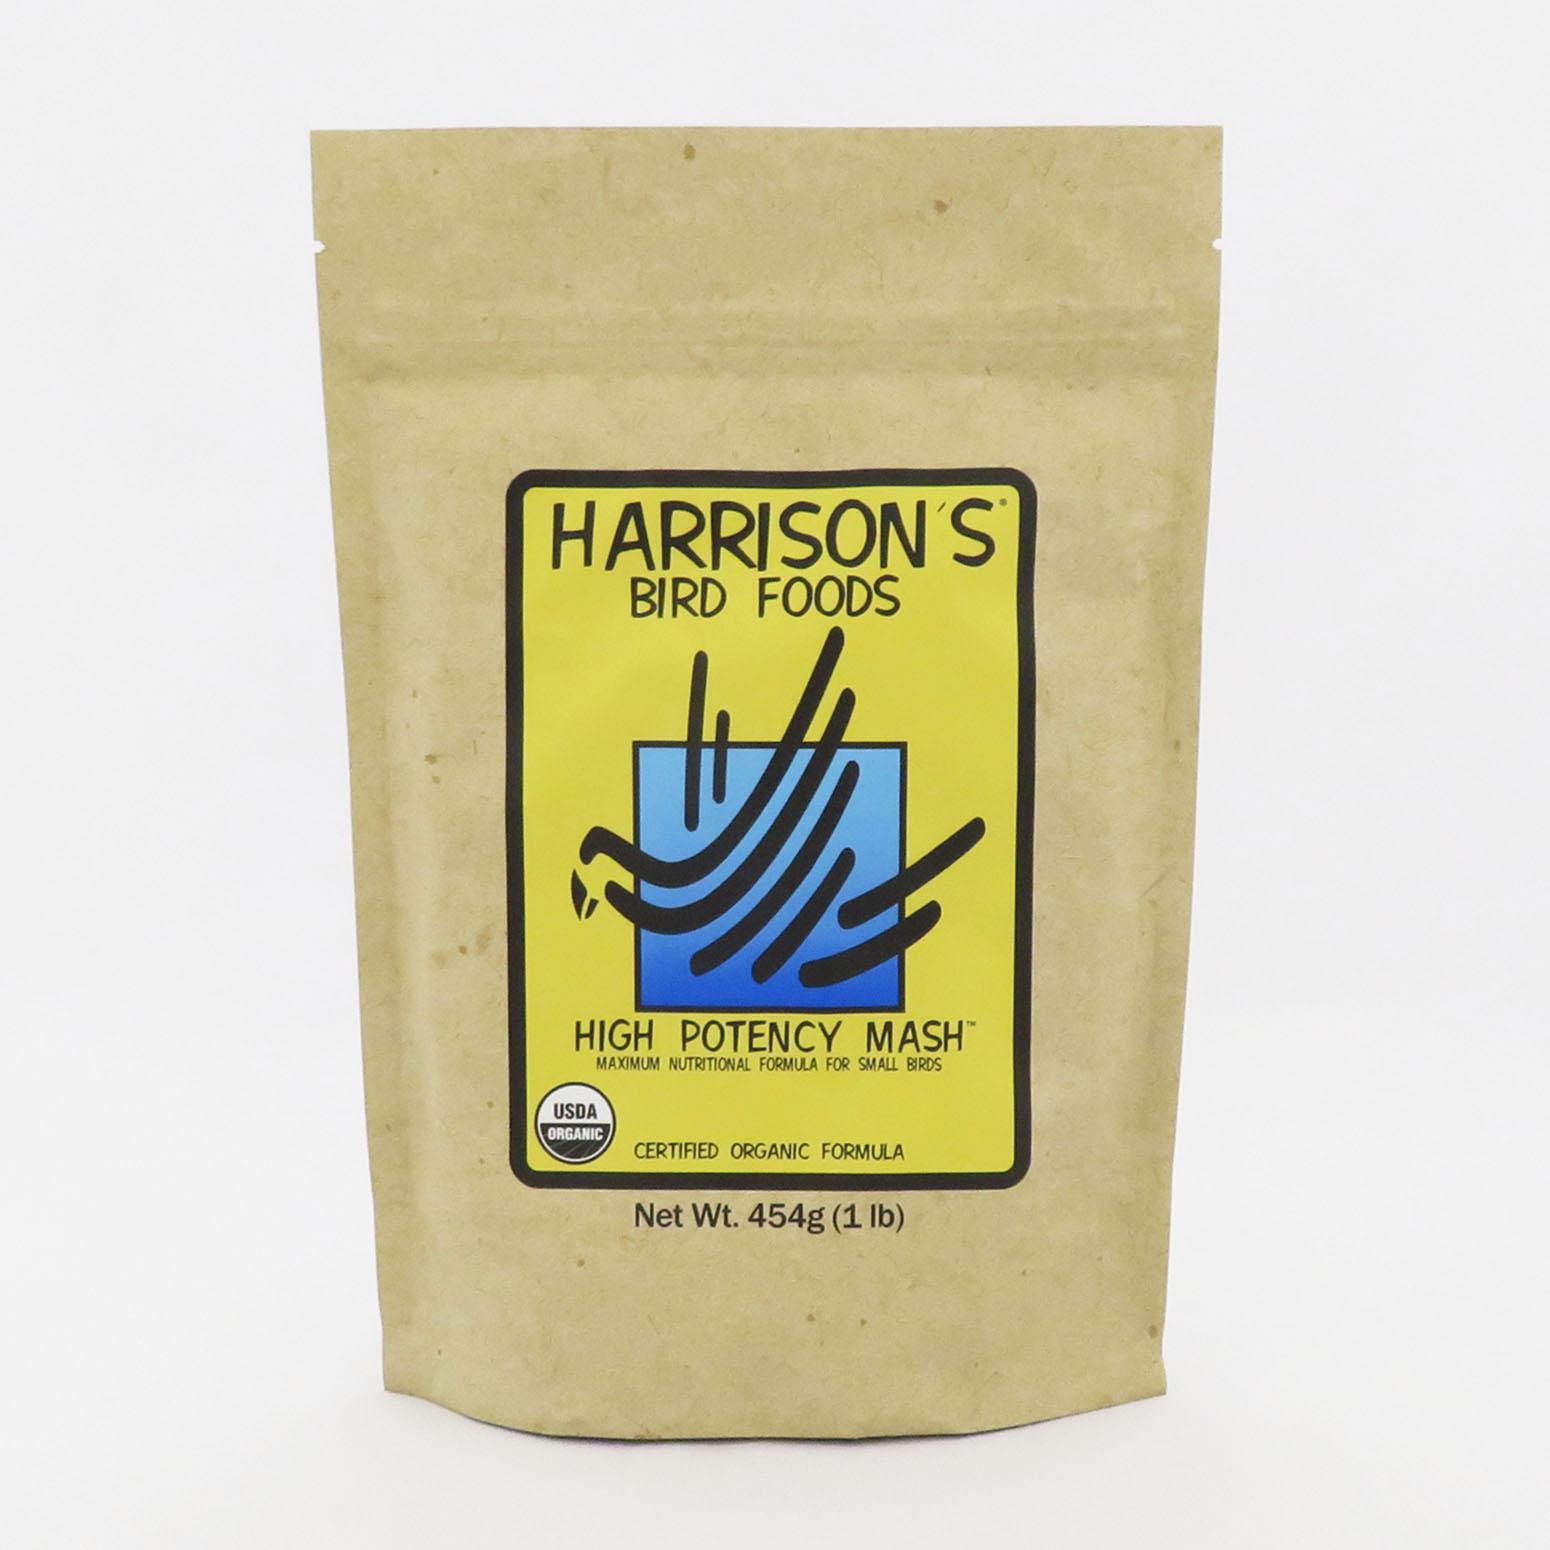 【Harrison】ハイポテンシー マッシュ[粉状]454g